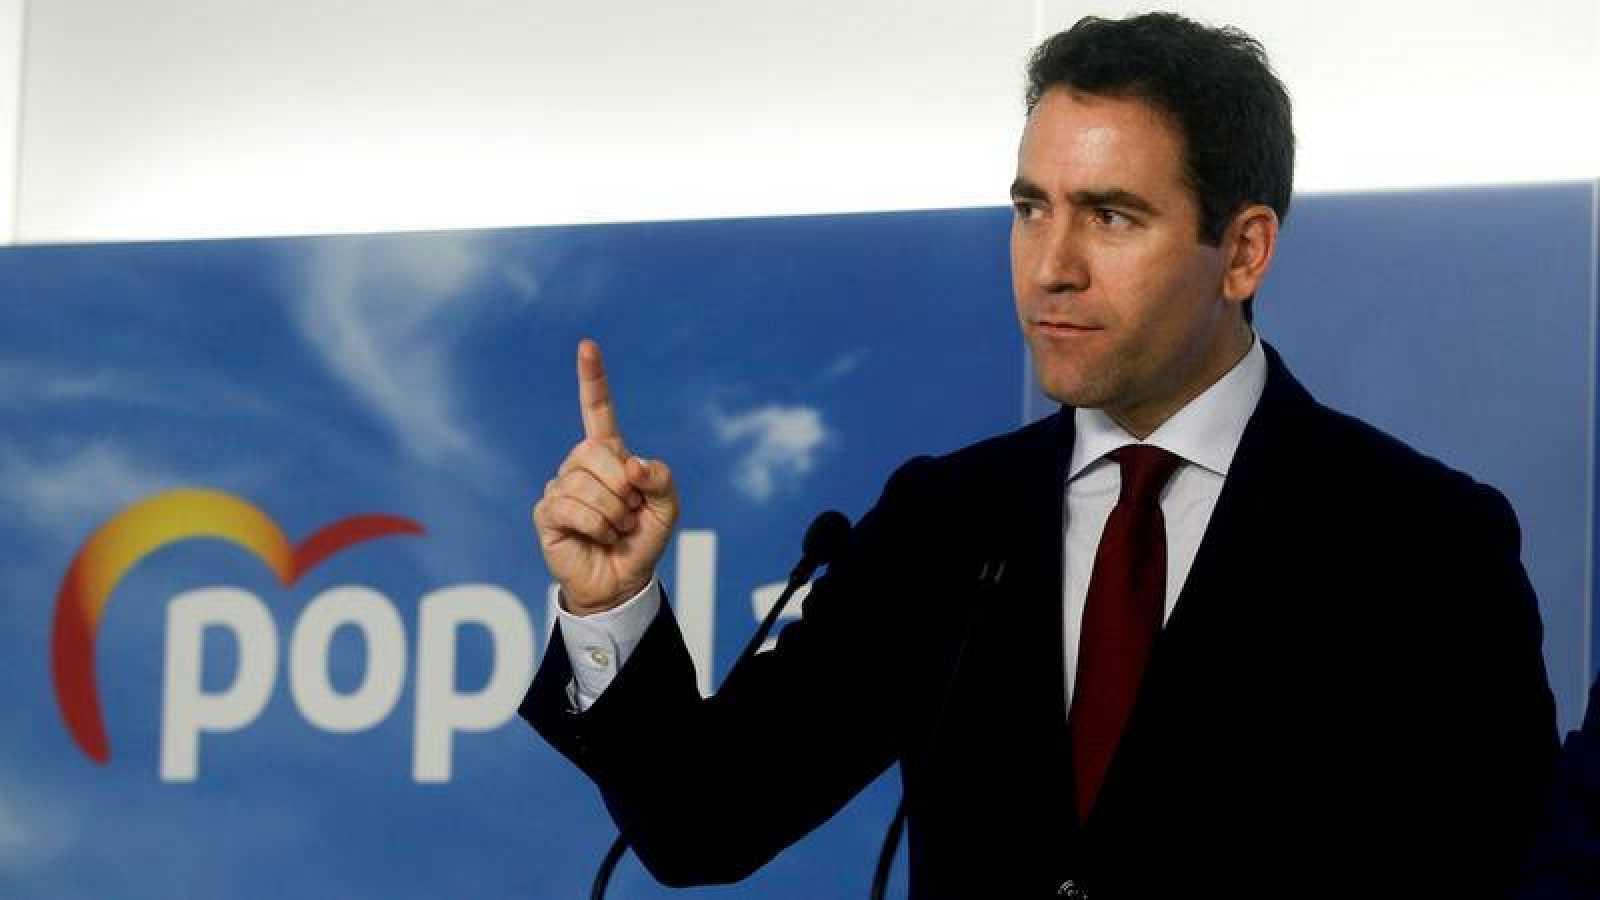 'Por todo lo que nos une', el lema elegido por el PP para la campaña del 10N